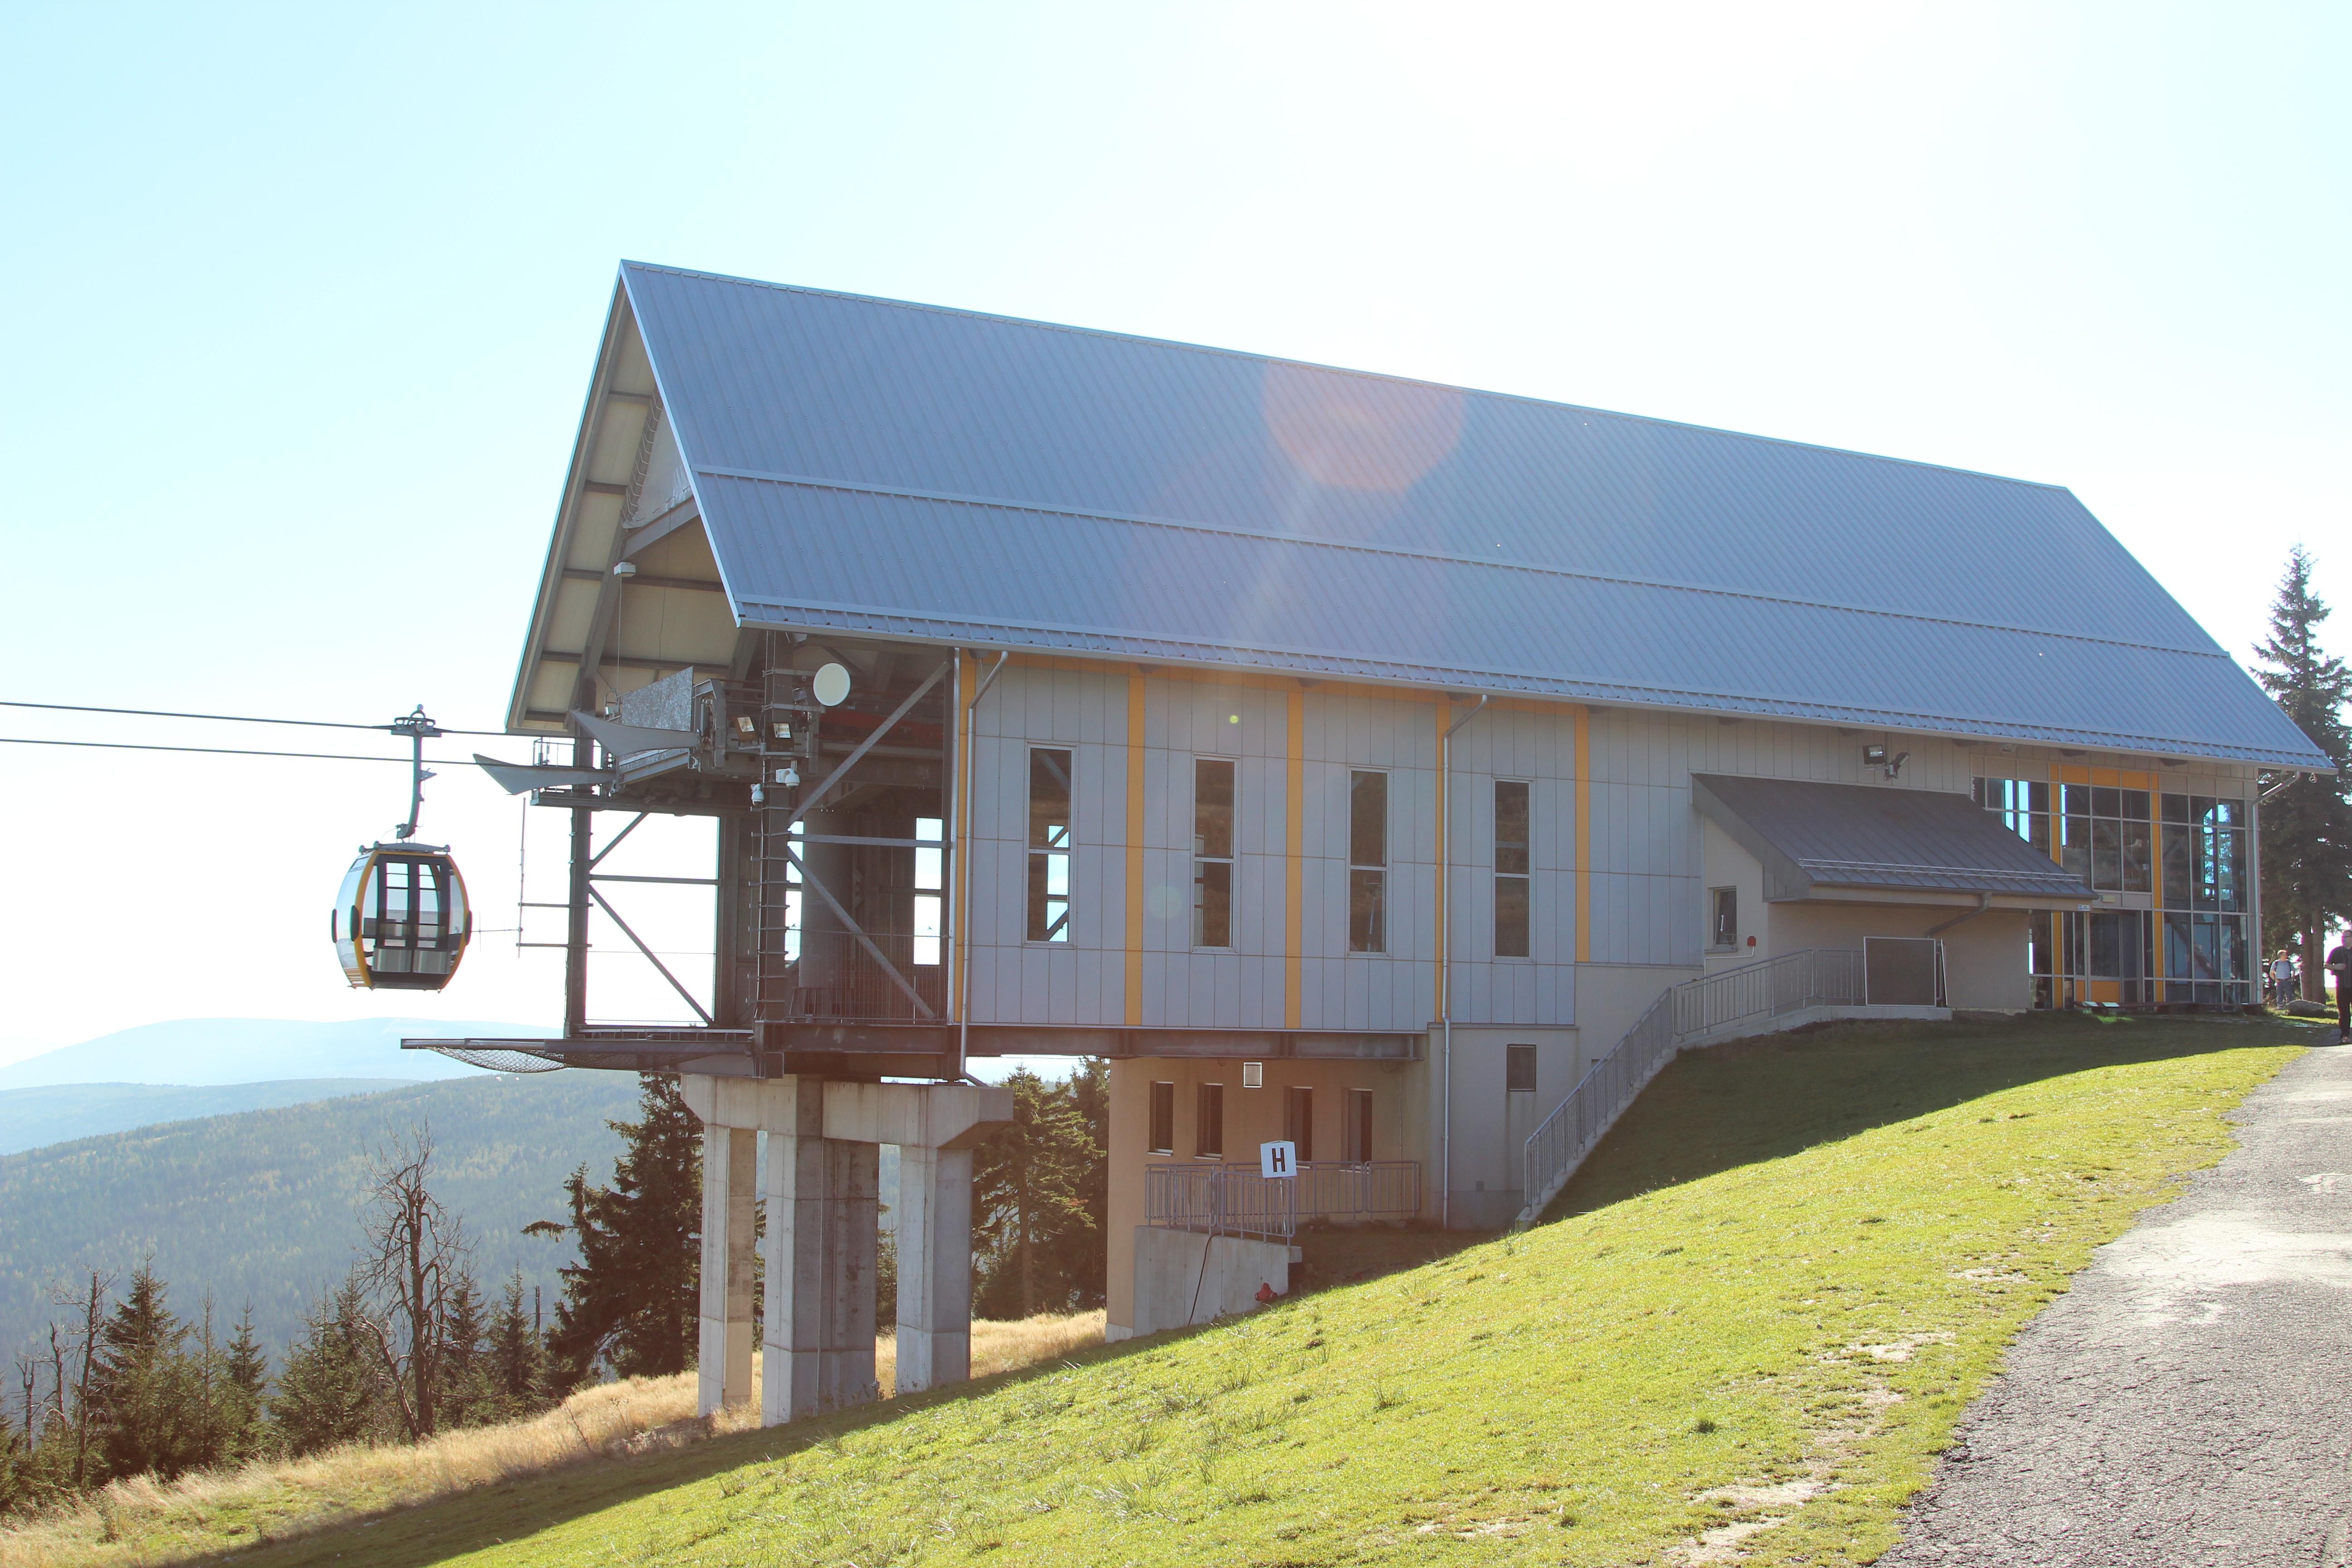 Kolej gondolowa na Stóg Izerski – Wikipedia, wolna encyklopedia